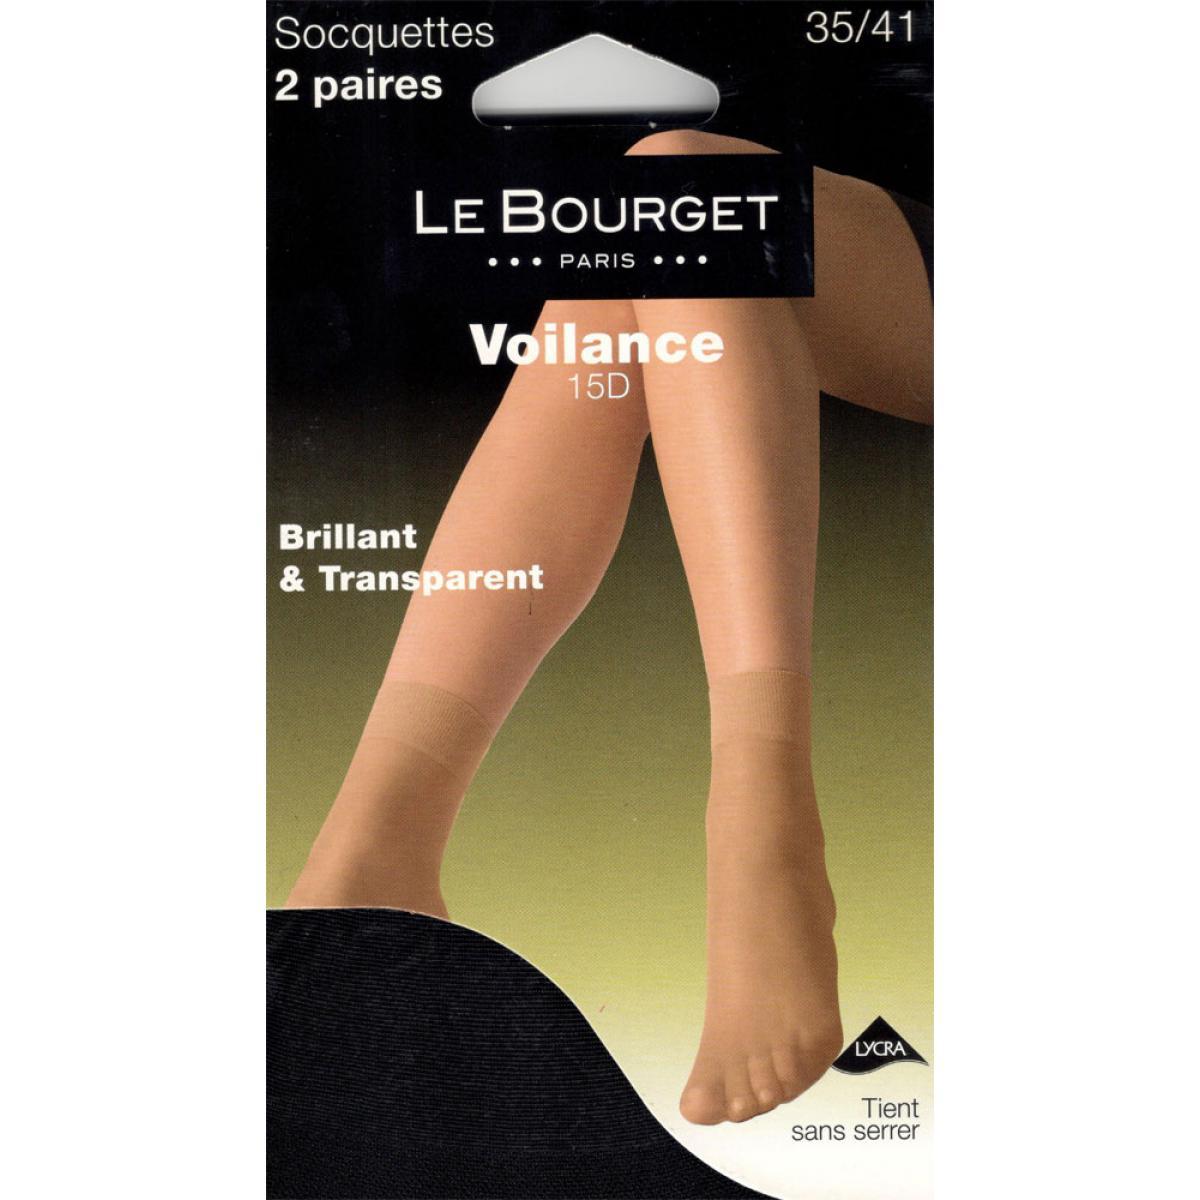 Lot de 2 paires socquettes Le Bourget VOILANCE 15D noir Le Bourget ... aa0434860ae